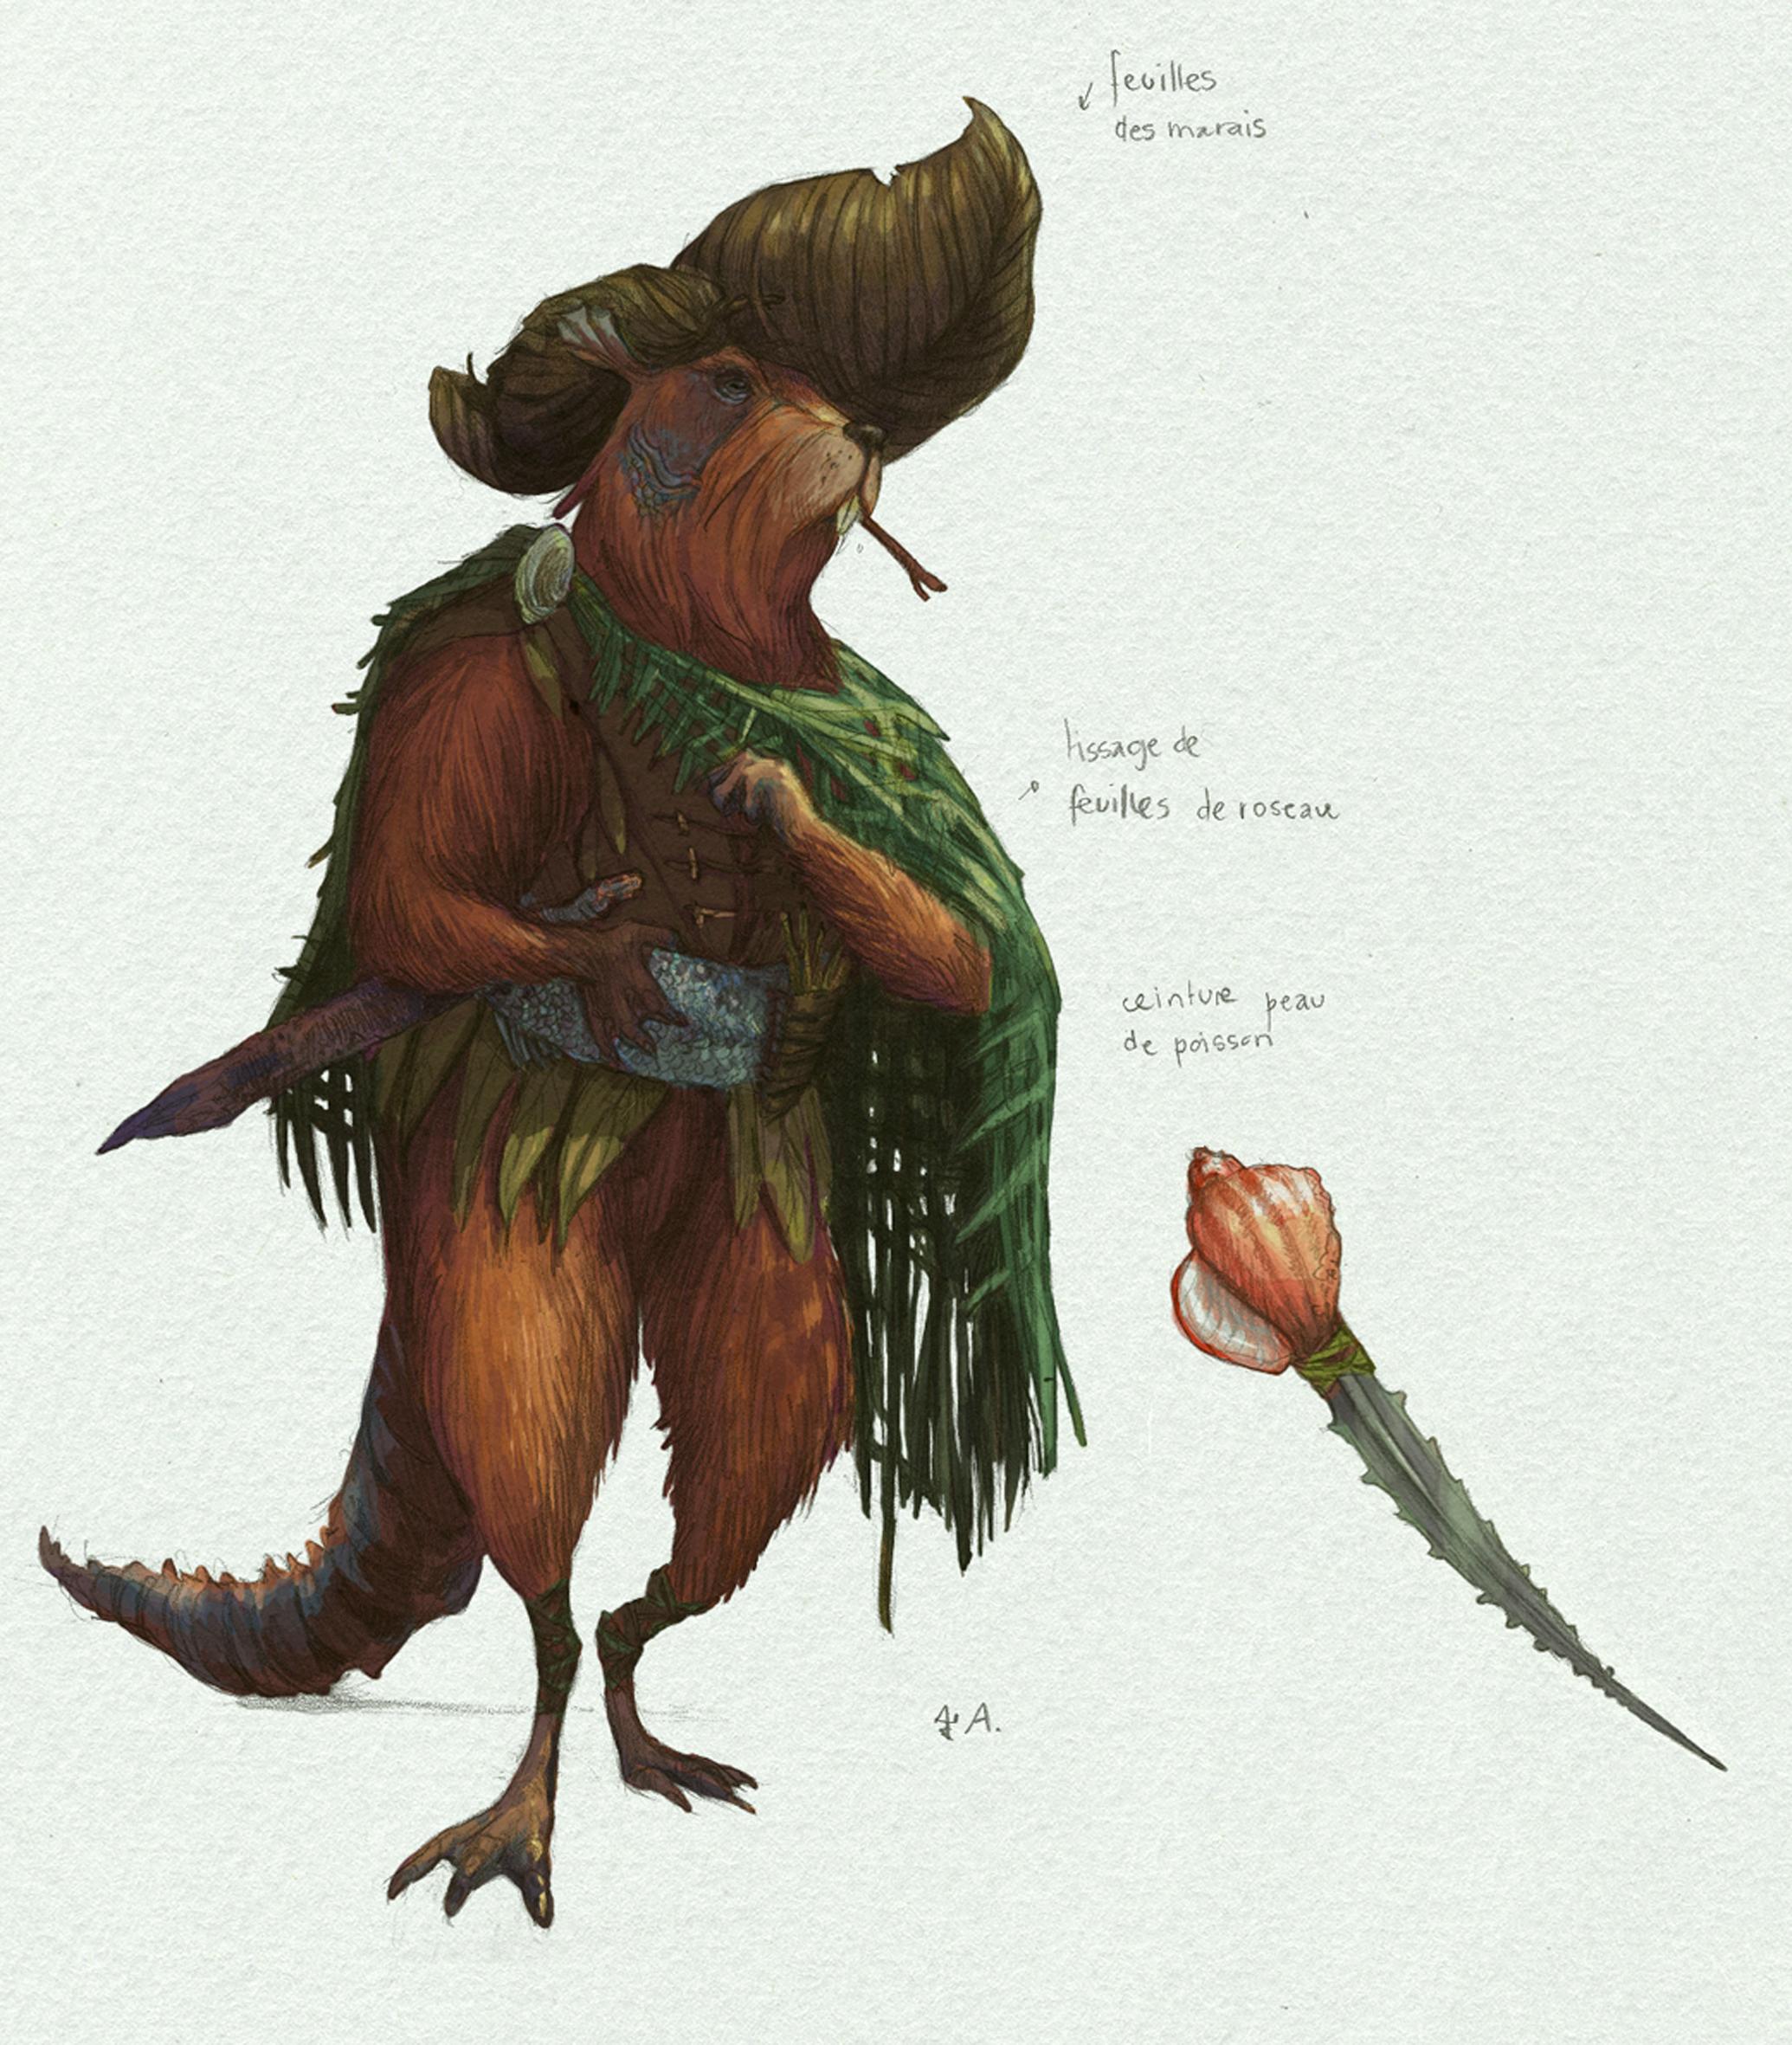 Mutant beaver design